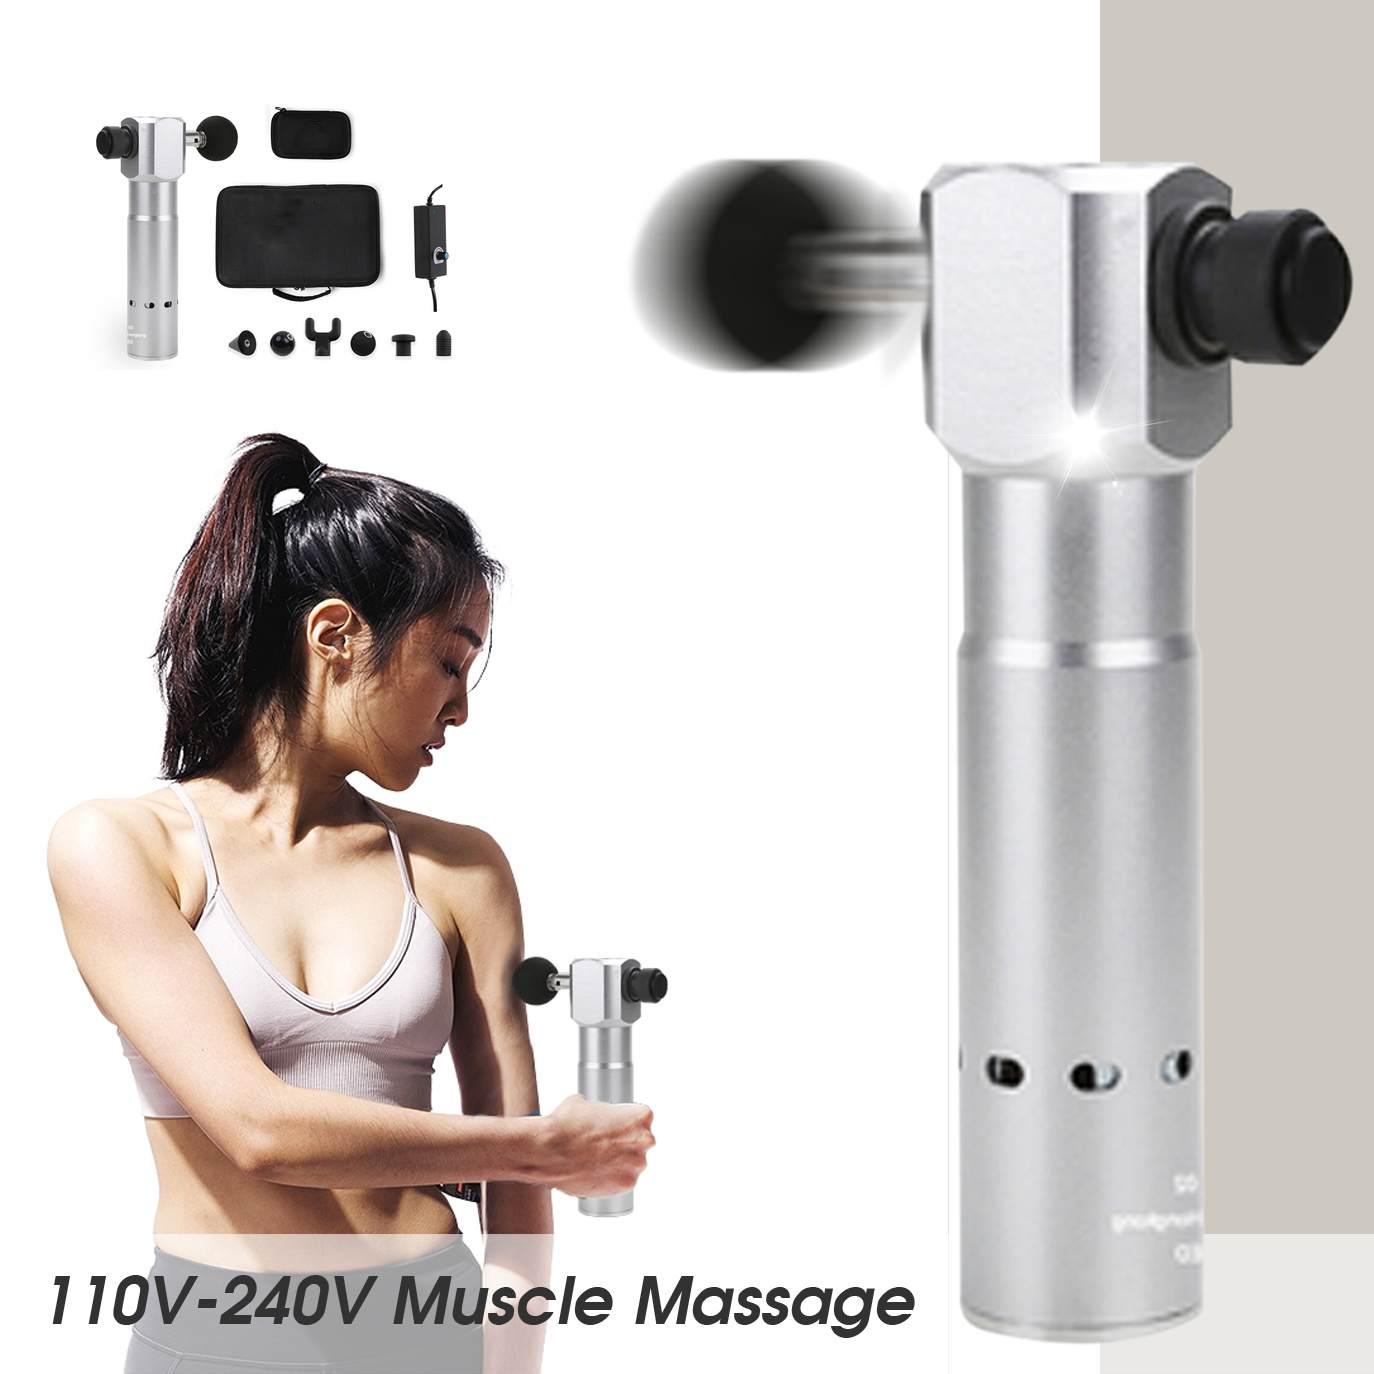 110-240 v Eletrônico Massagem Corporal Terapêutica para Arma de Alta Freqüência de Vibração Muscular Alívio Da Dor Massagem Armas Silencioso w /6 cabeça